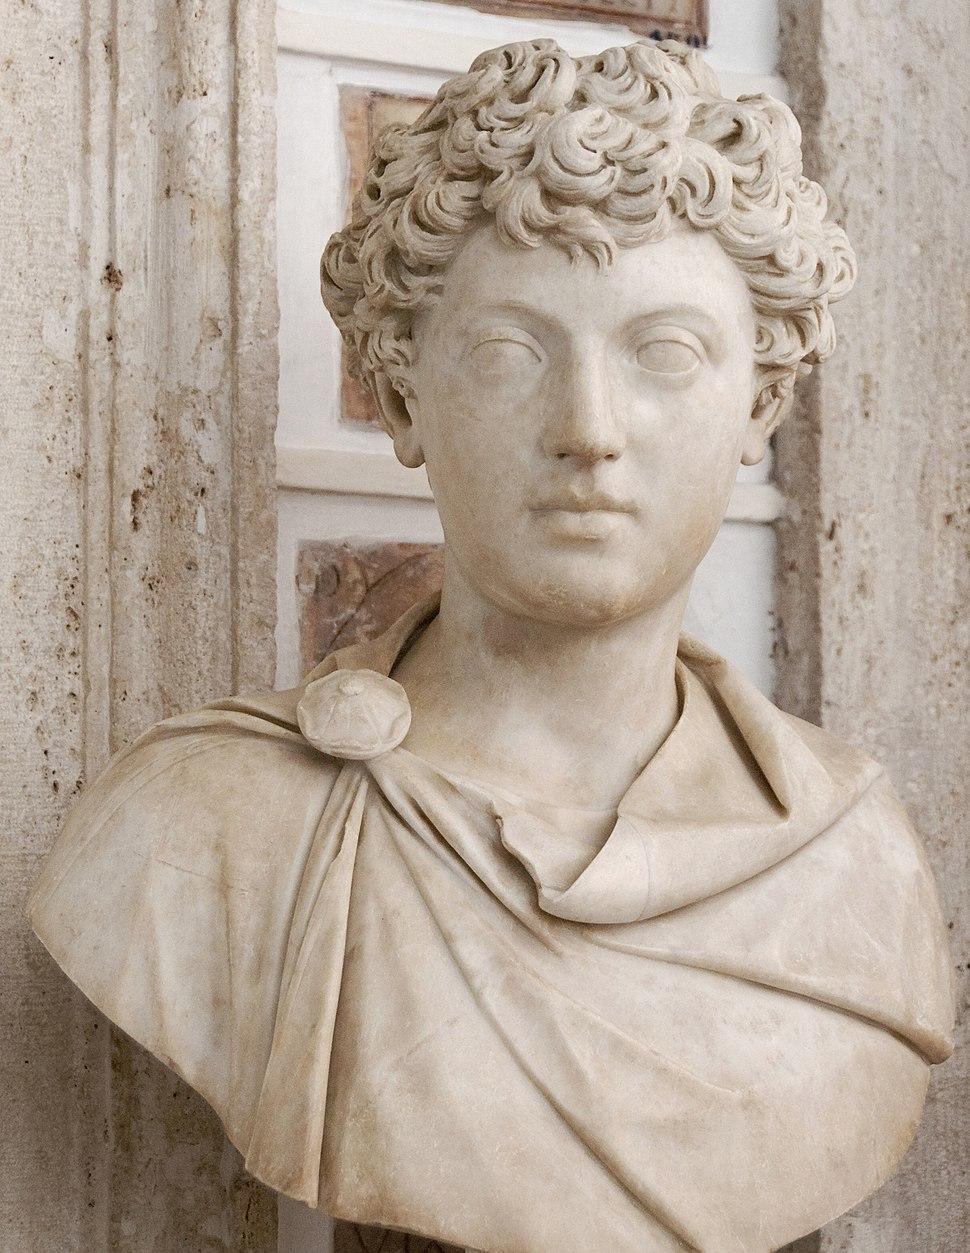 Young Marcus Aurelius Musei Capitolini MC279